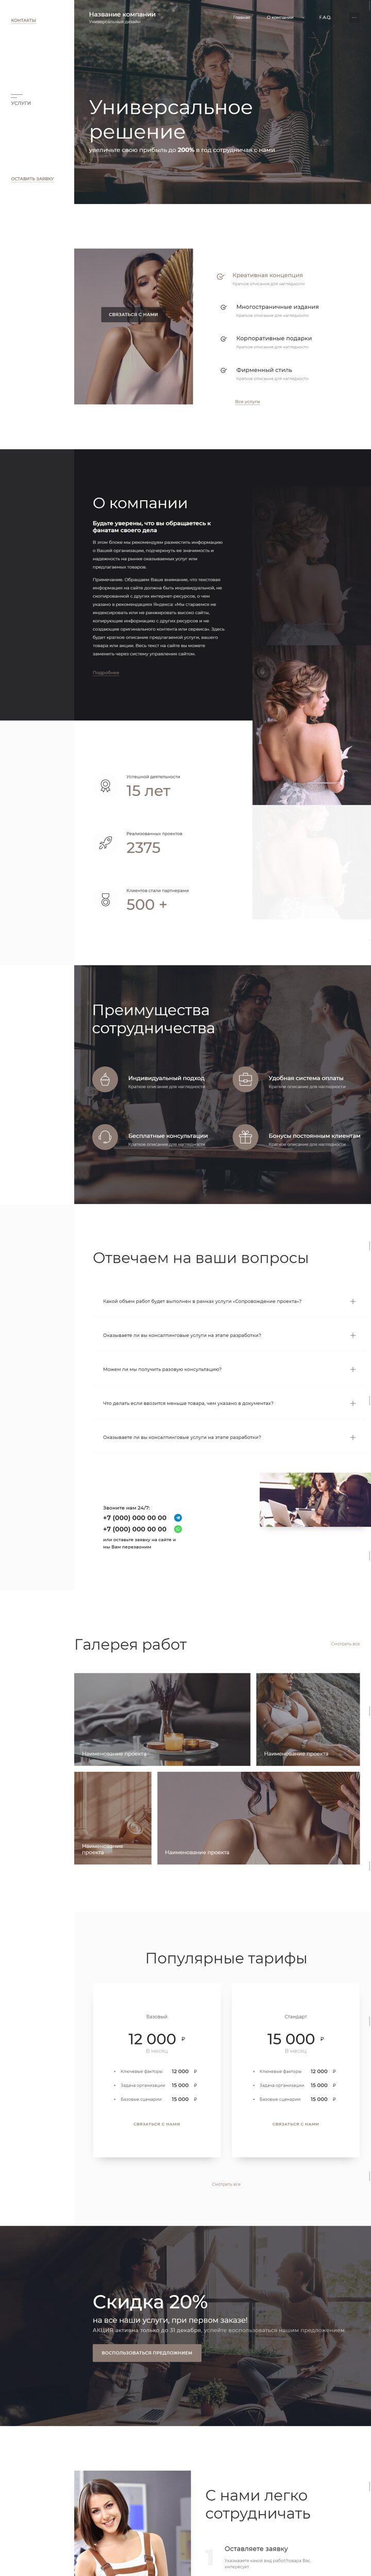 Готовый Сайт-Бизнес #3032224 - Универсальный дизайн (Главная)